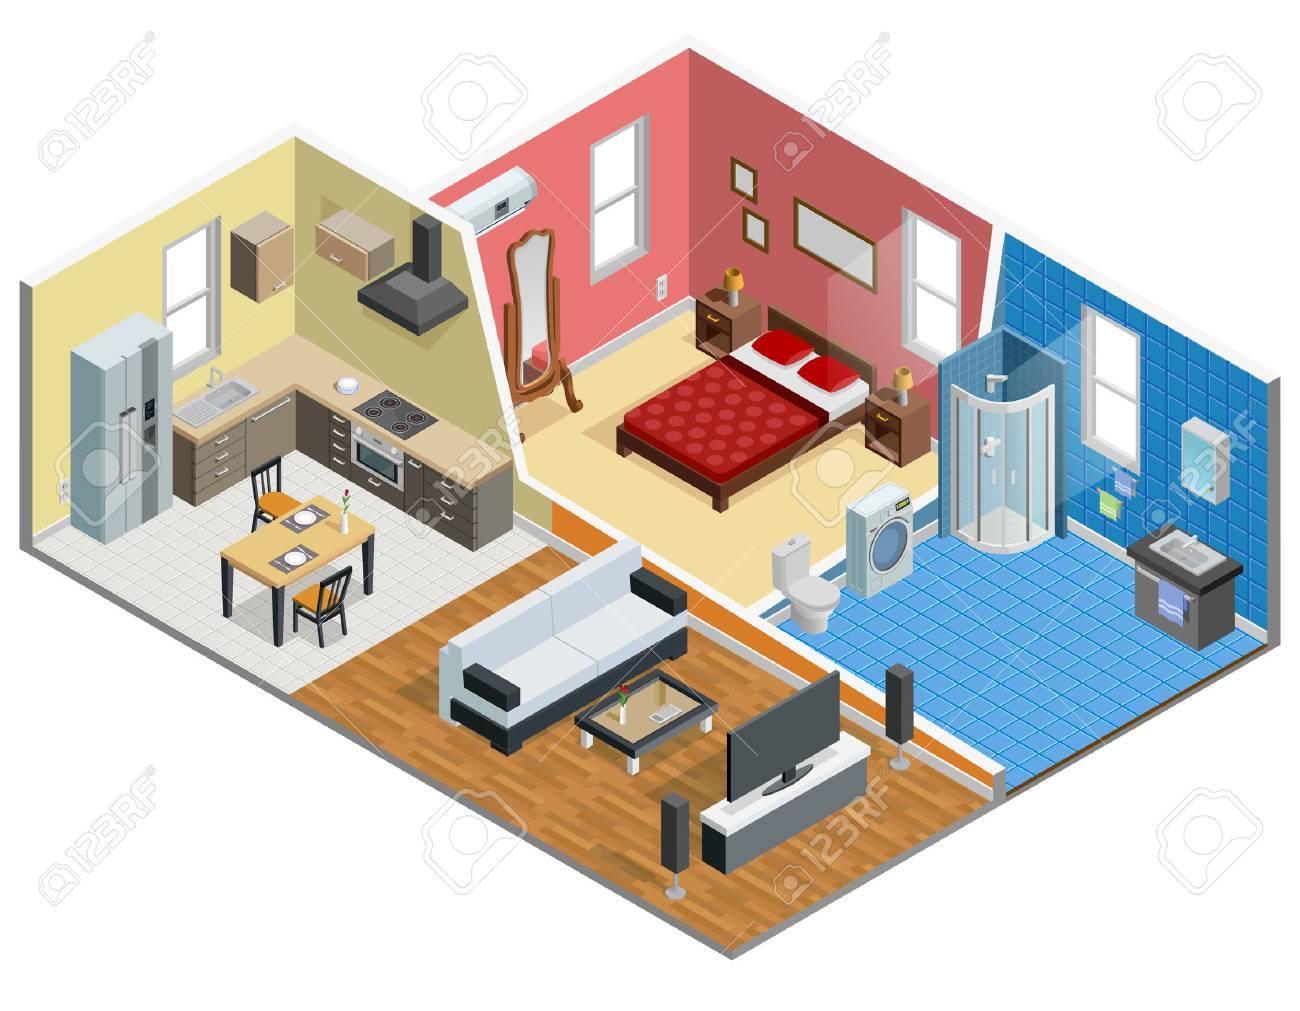 Appartement conception isométrique avec cuisine salle de bain chambre à  coucher et salon vecteur illustration